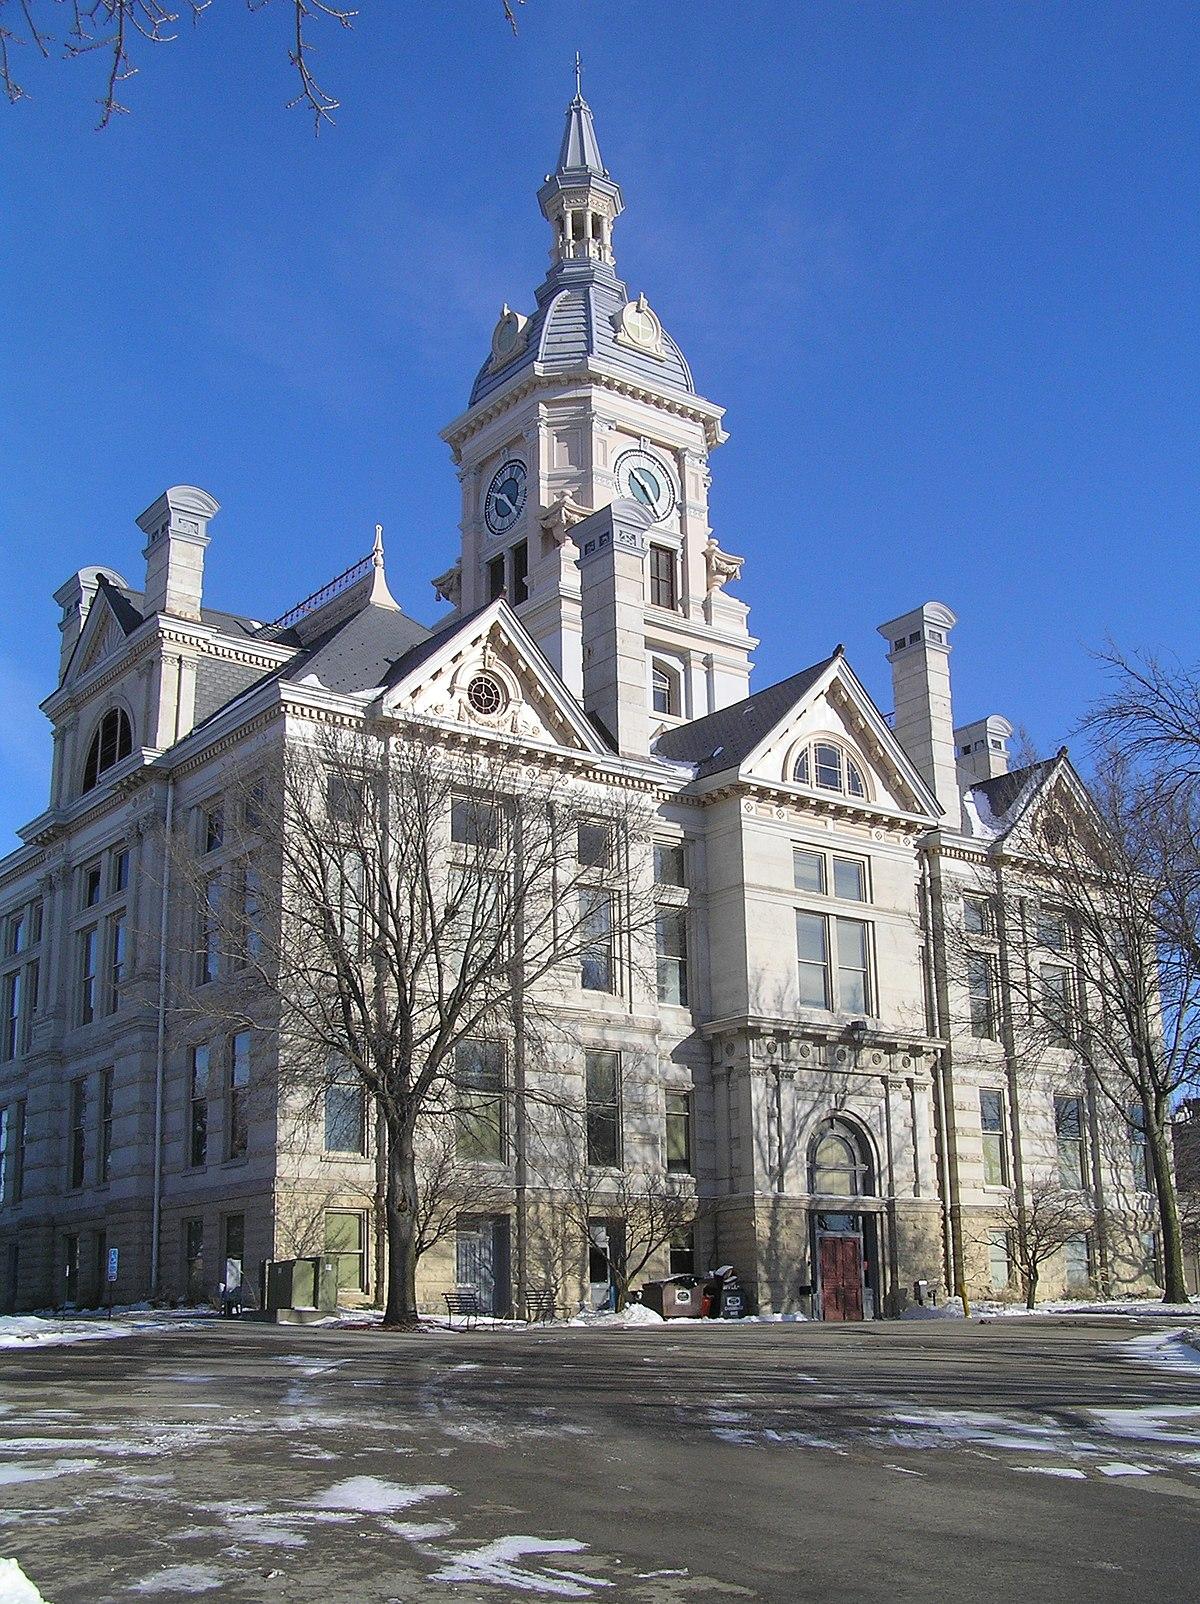 Marshall County Property Taxes Indiana